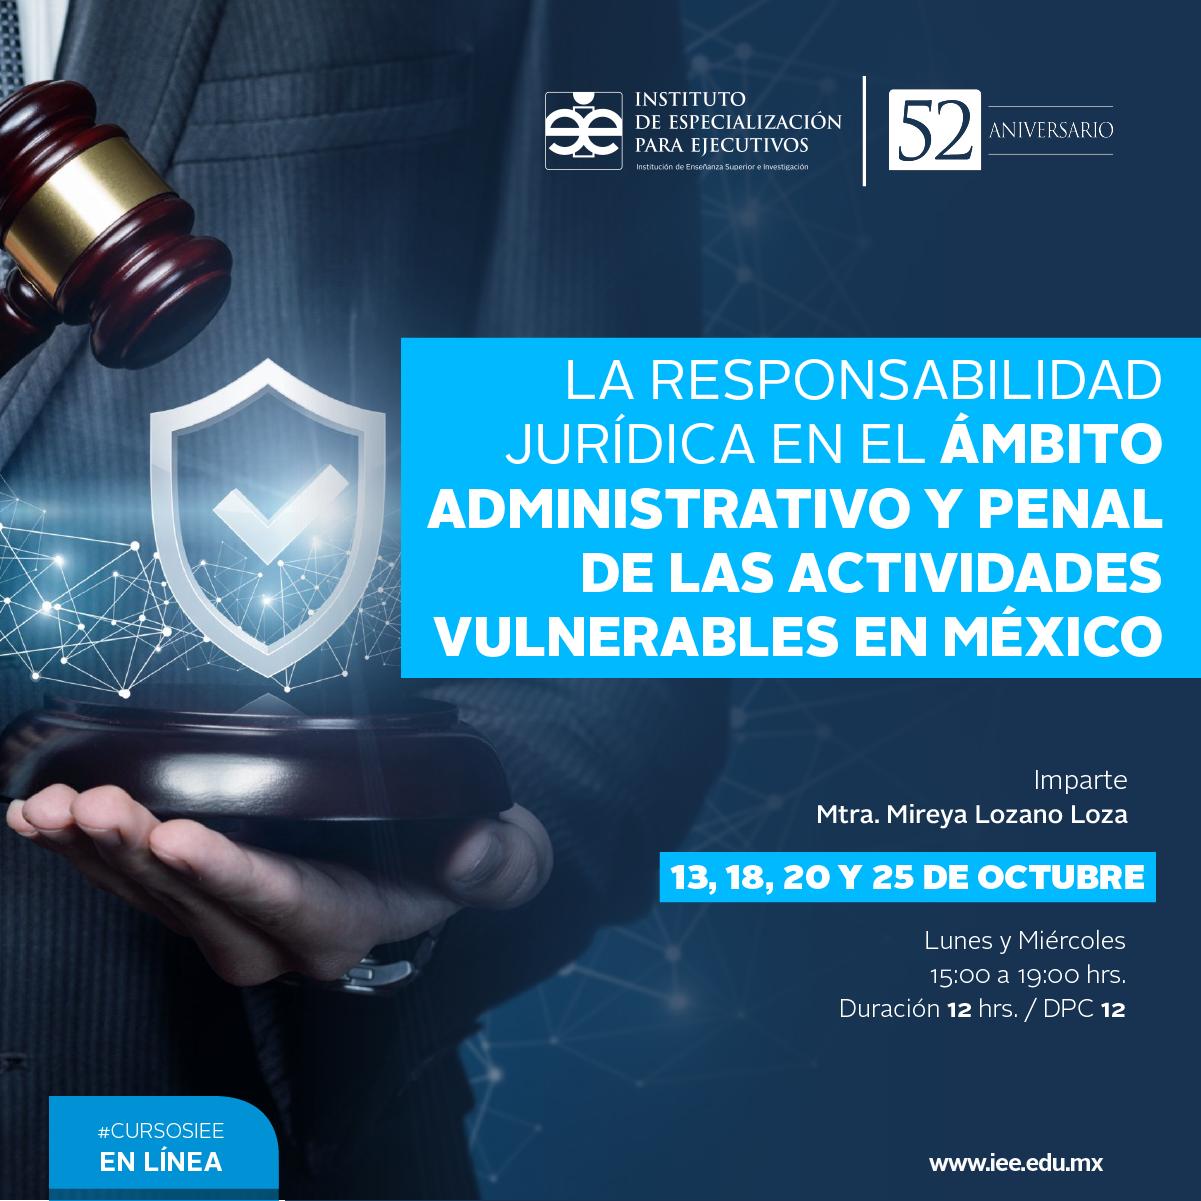 Curso en Línea en La Responsabilidad Jurídica en el Ámbito Administrativo y Penal de las Actividades Vulnerables en México